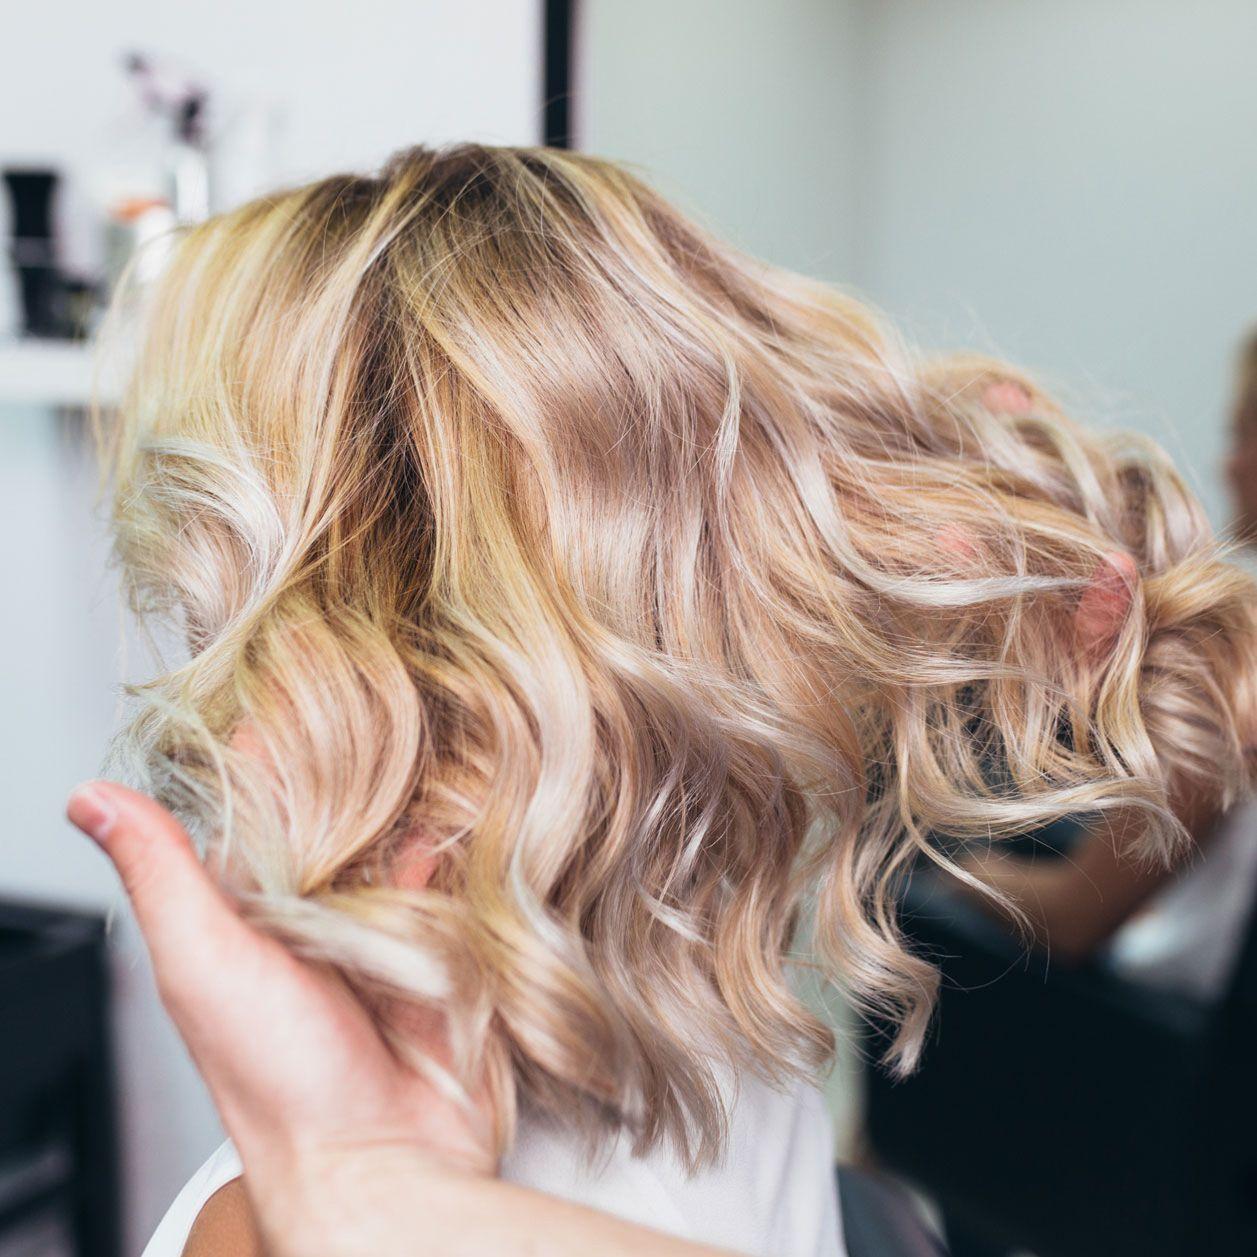 Färben blond dunkler Haarfarbe Blondtöne: